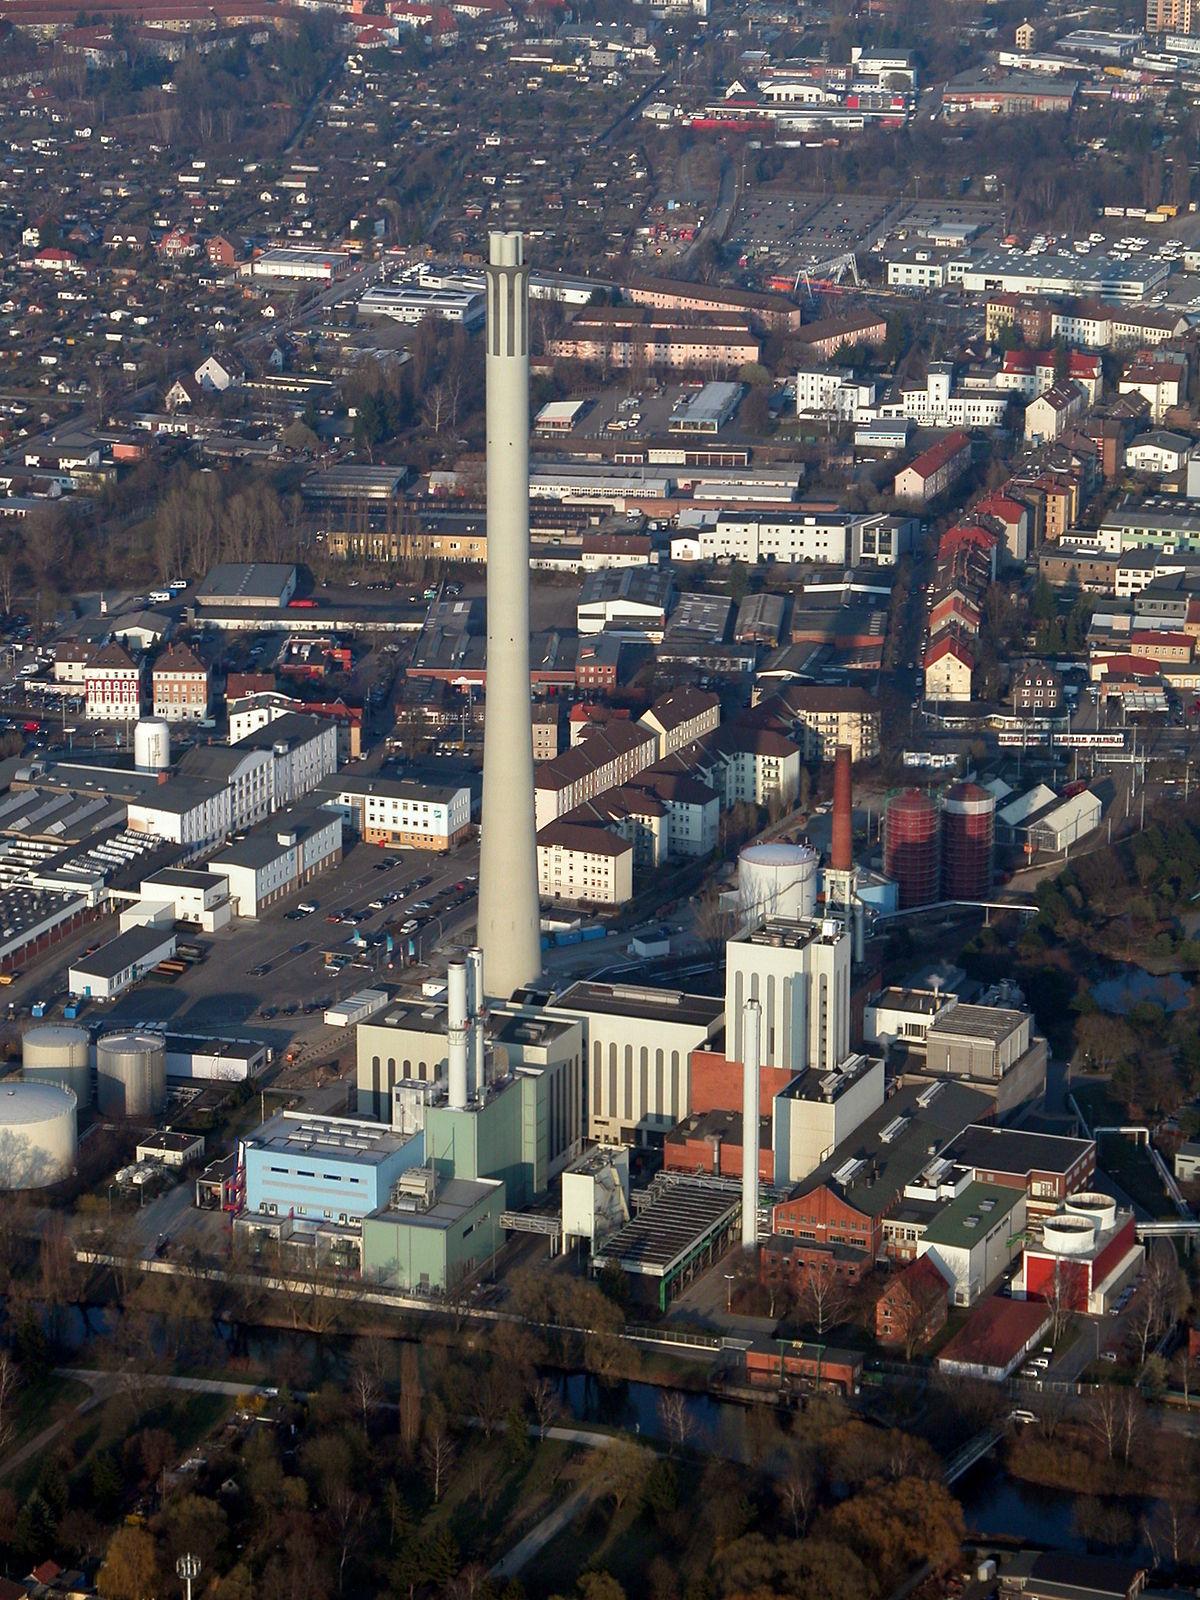 Kamin Braunschweig heizkraftwerk mitte braunschweig